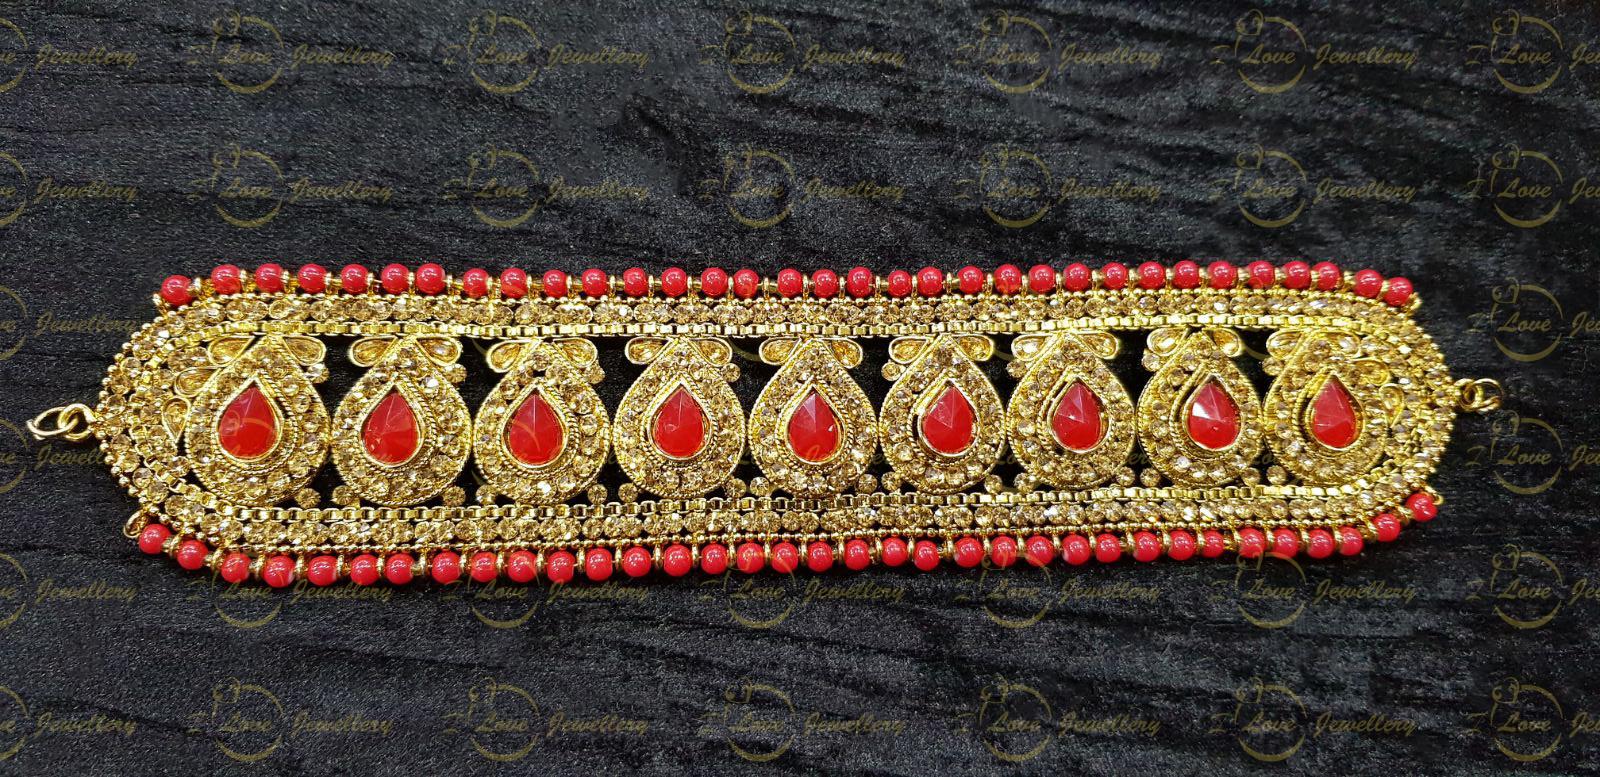 Pakistani choker - red choker - mehndi choker - bridal chokers - wedding choker necklace- golden choker - pearl choker - wholesale Pakistani jewellery - bespoke Pakistani jewellery